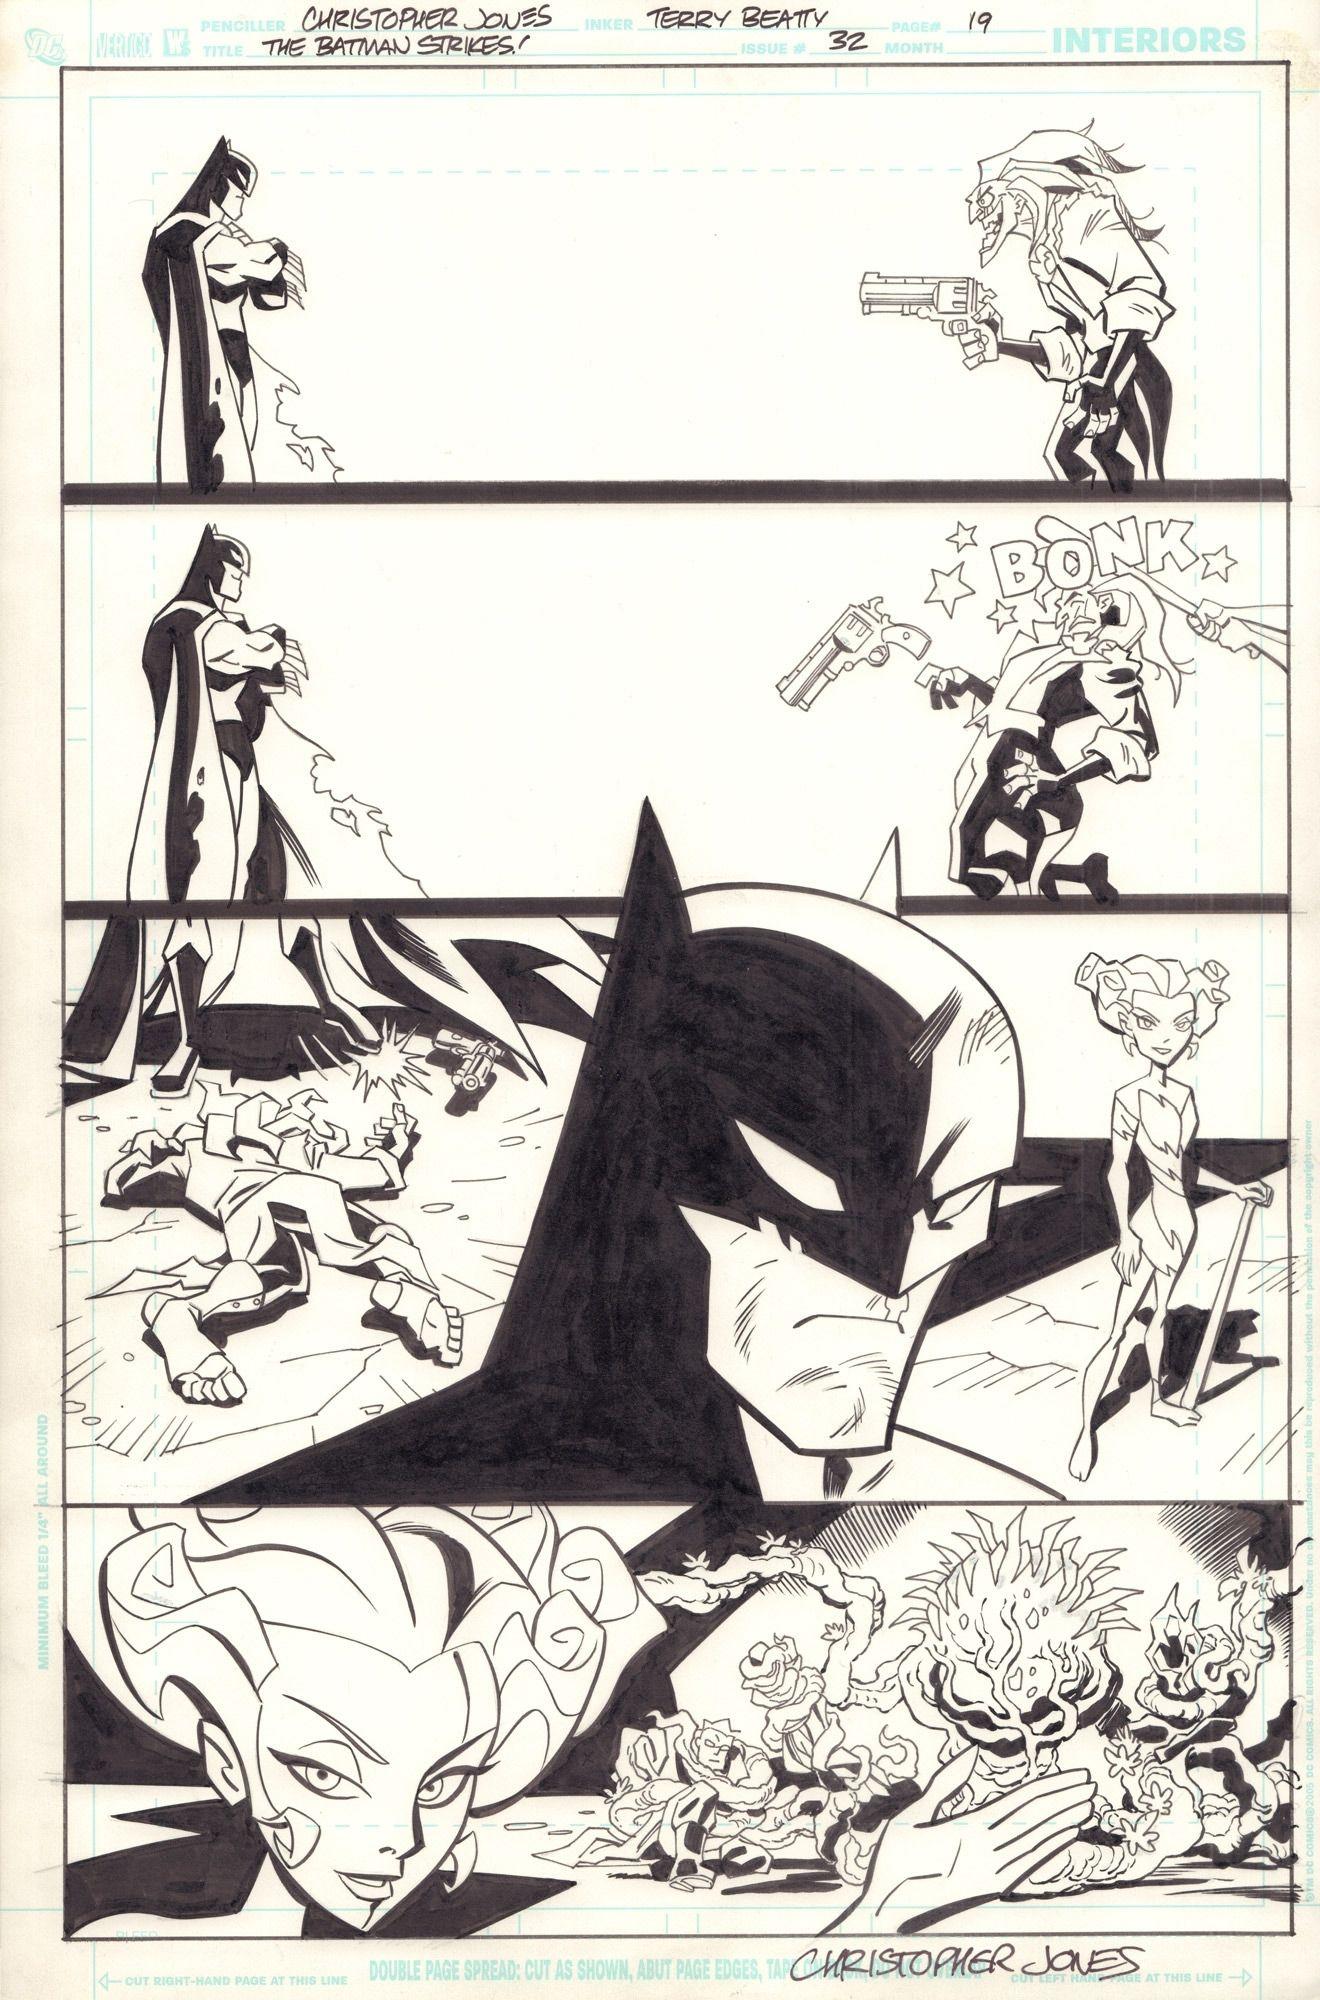 The Batman Strikes! #32 / 19